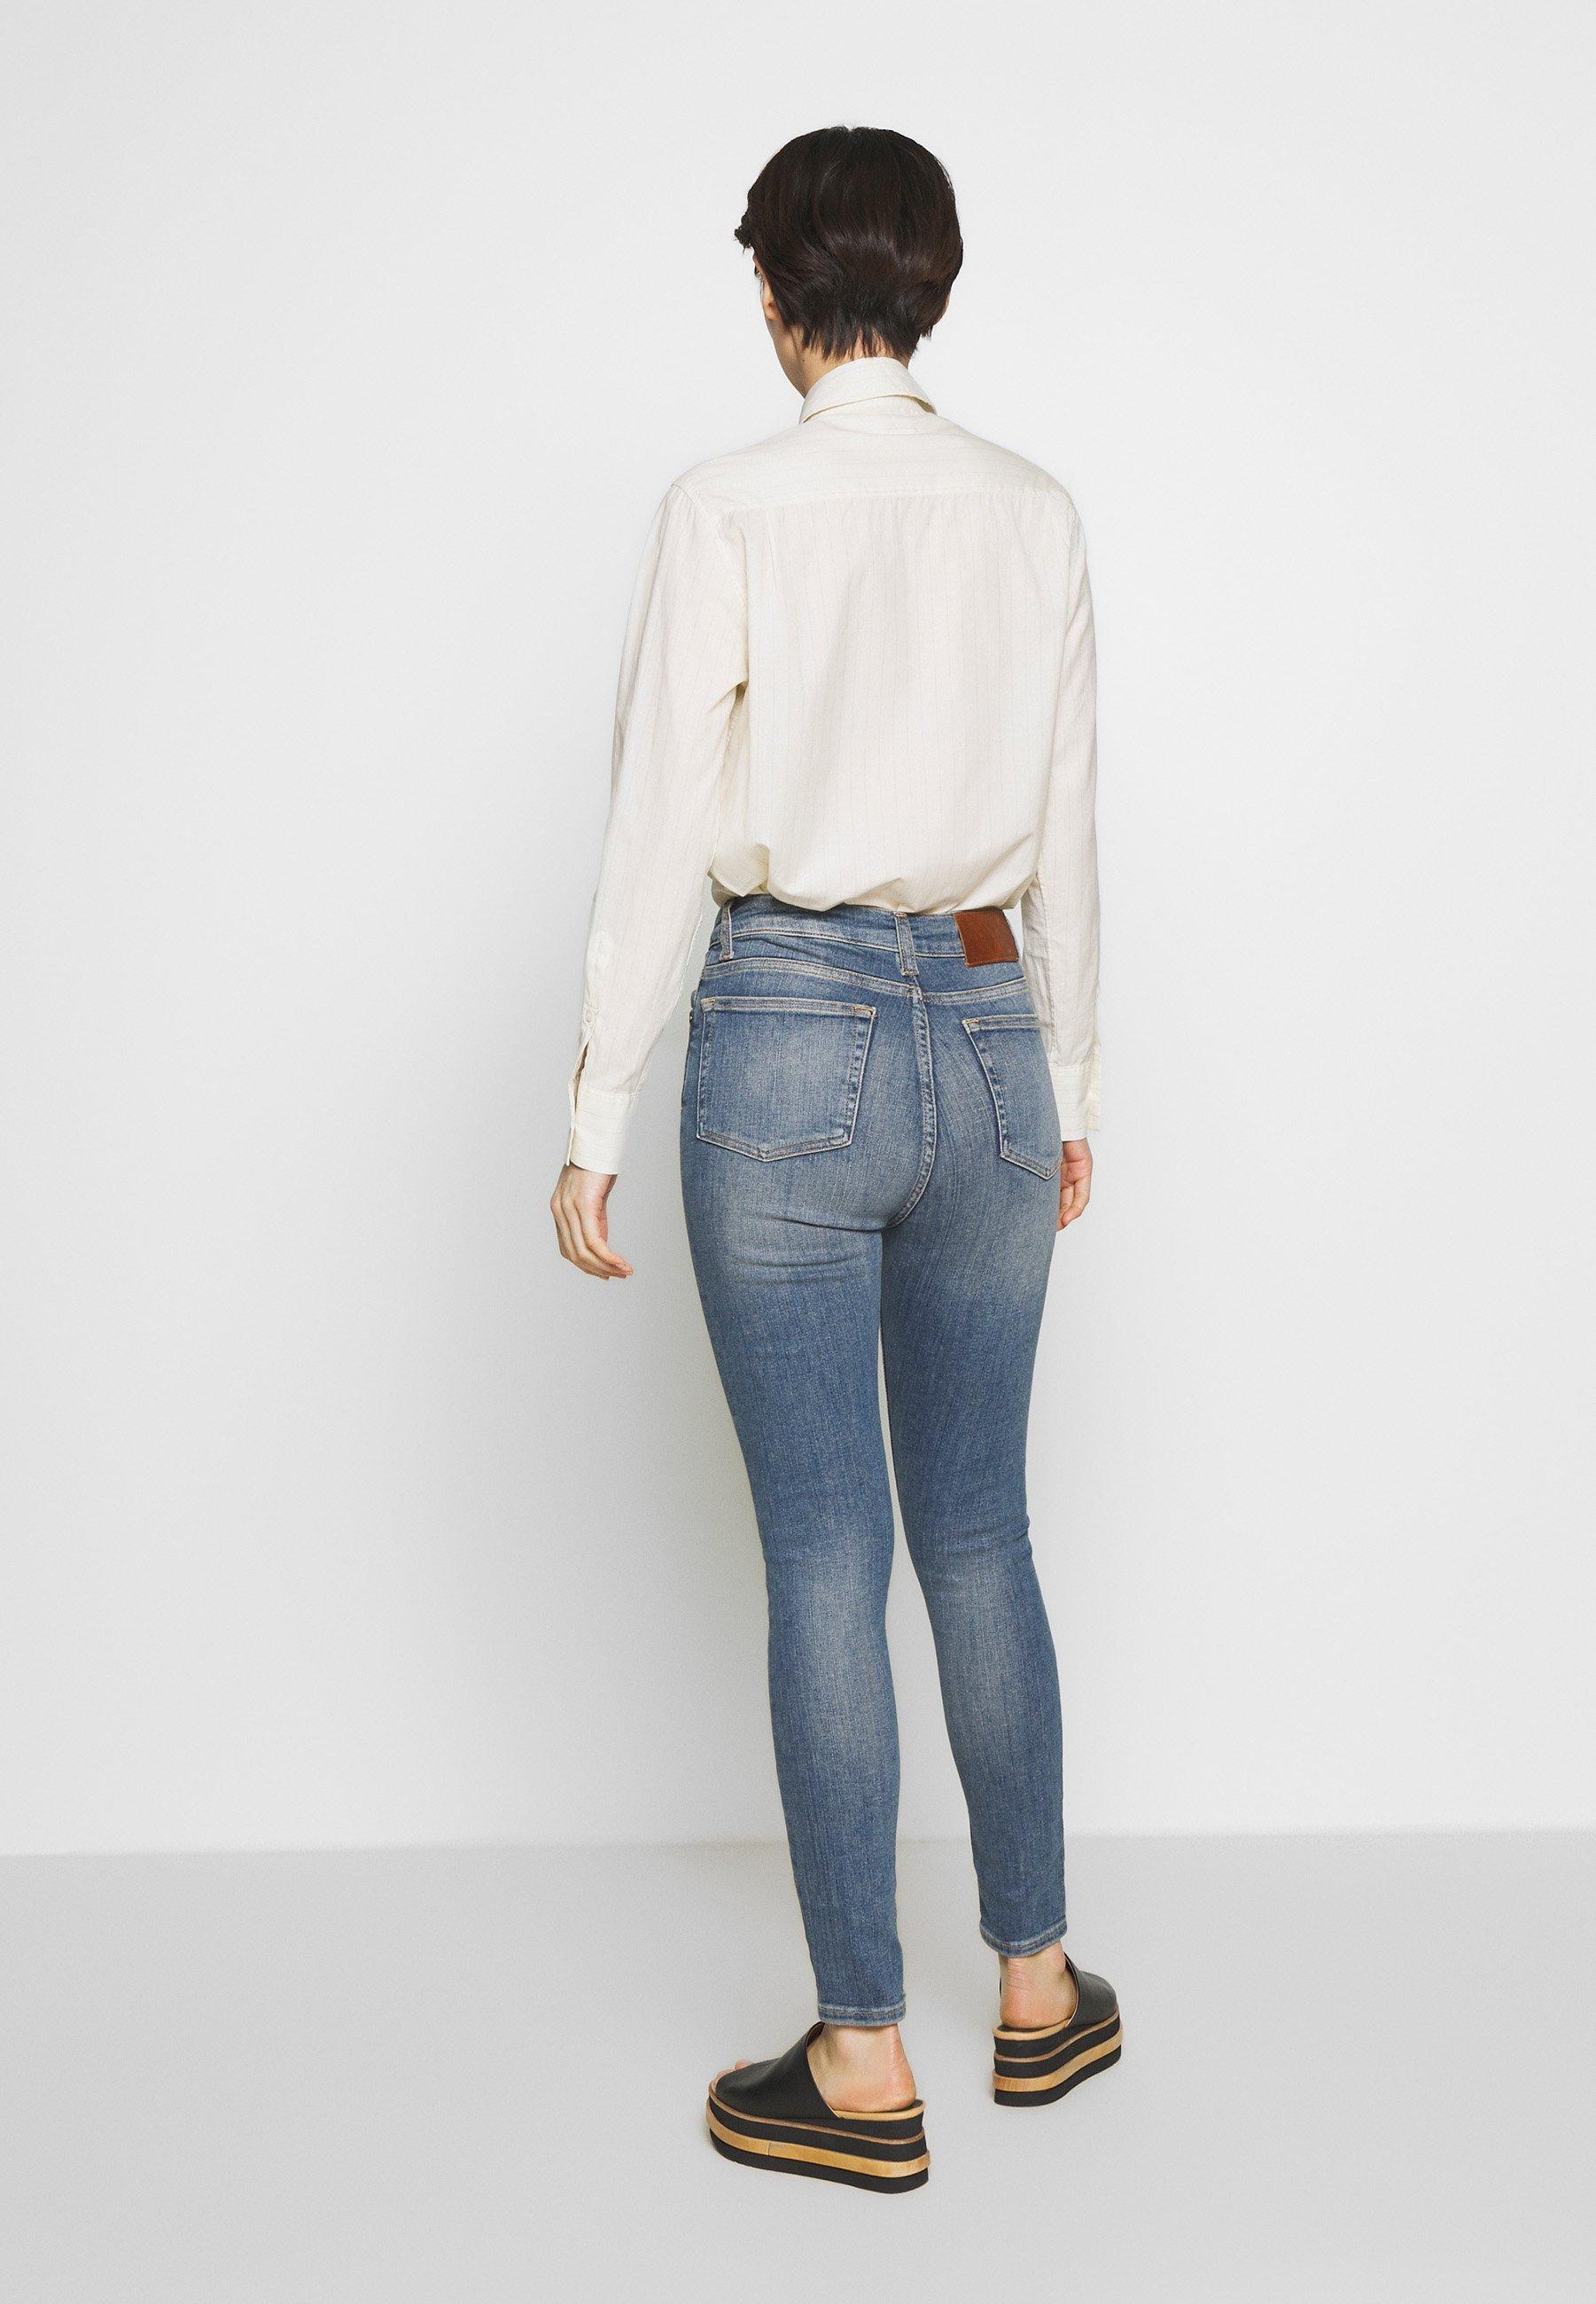 J.LINDEBERG UMA ACTIVE - Jeans Skinny - light blue - Jeans Femme TG0wf